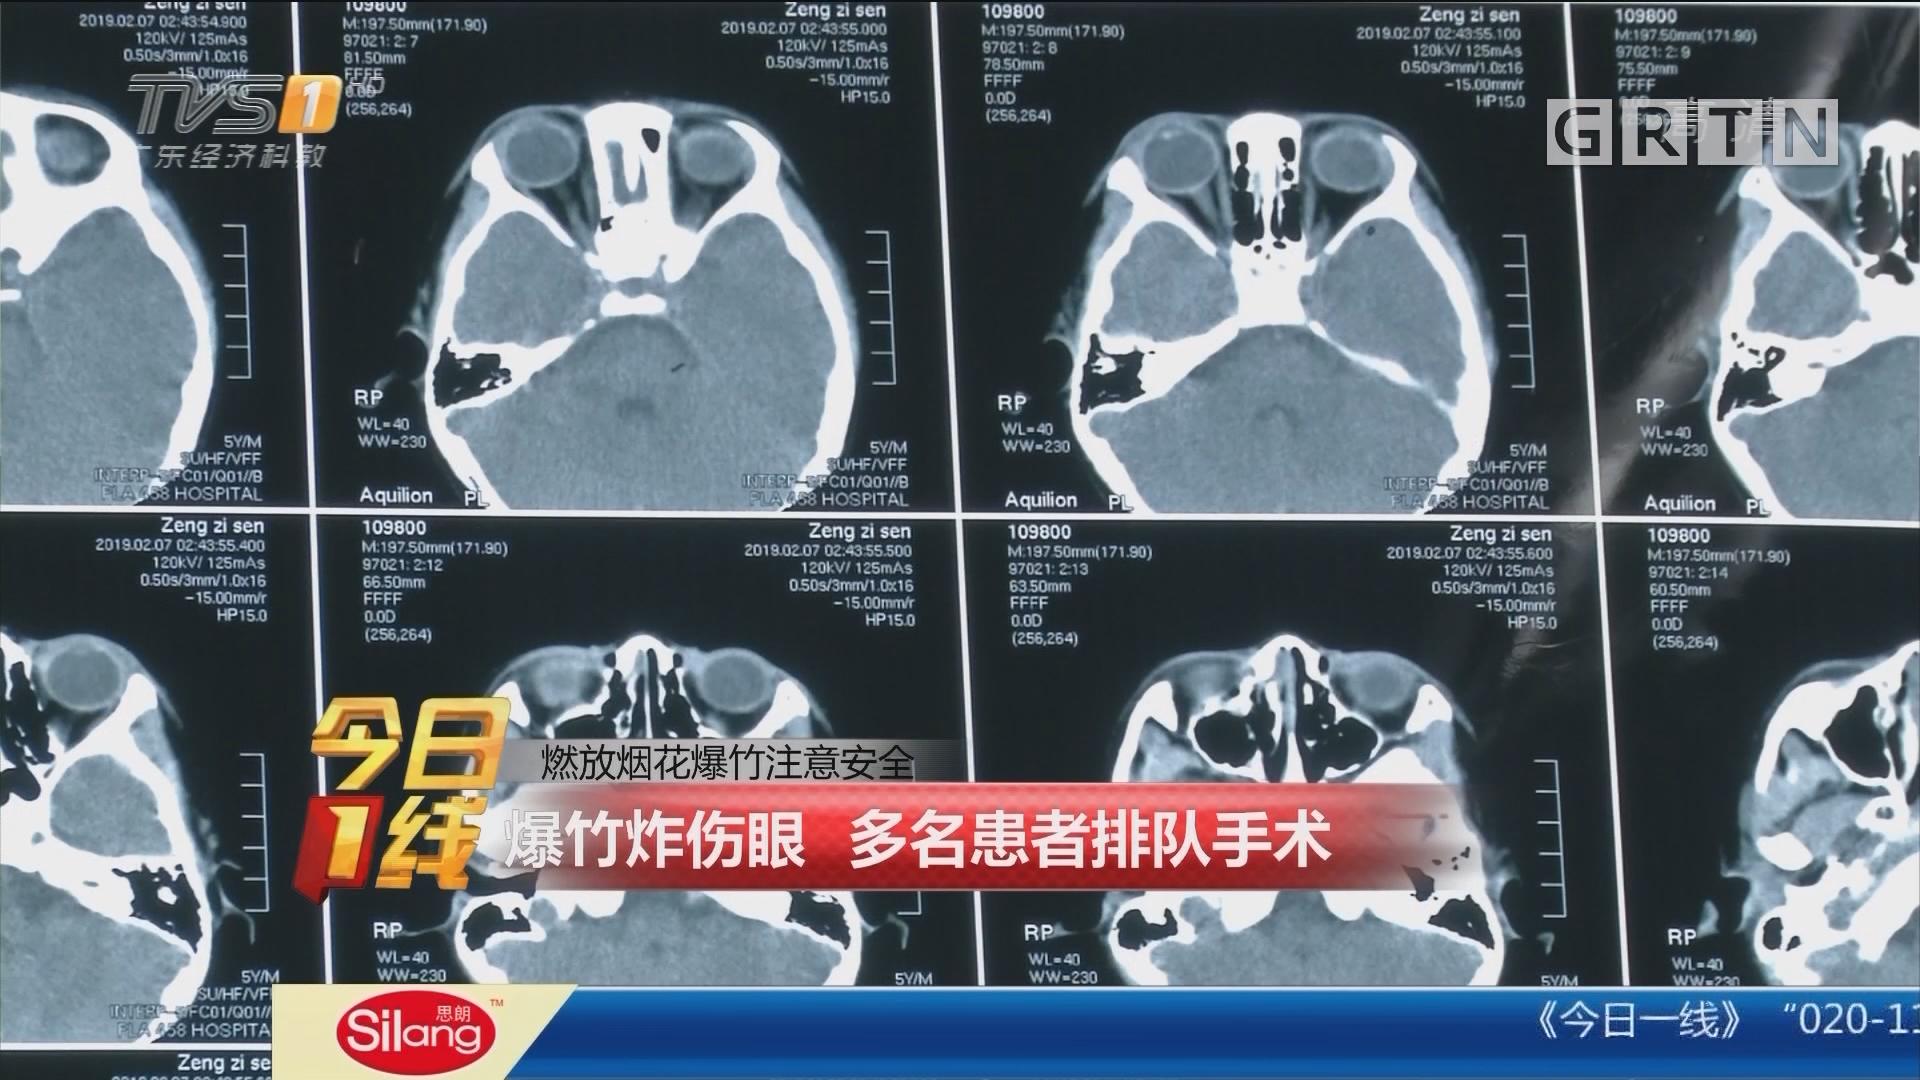 燃放烟花爆竹注意安全:爆竹炸伤眼 多名患者排队手术